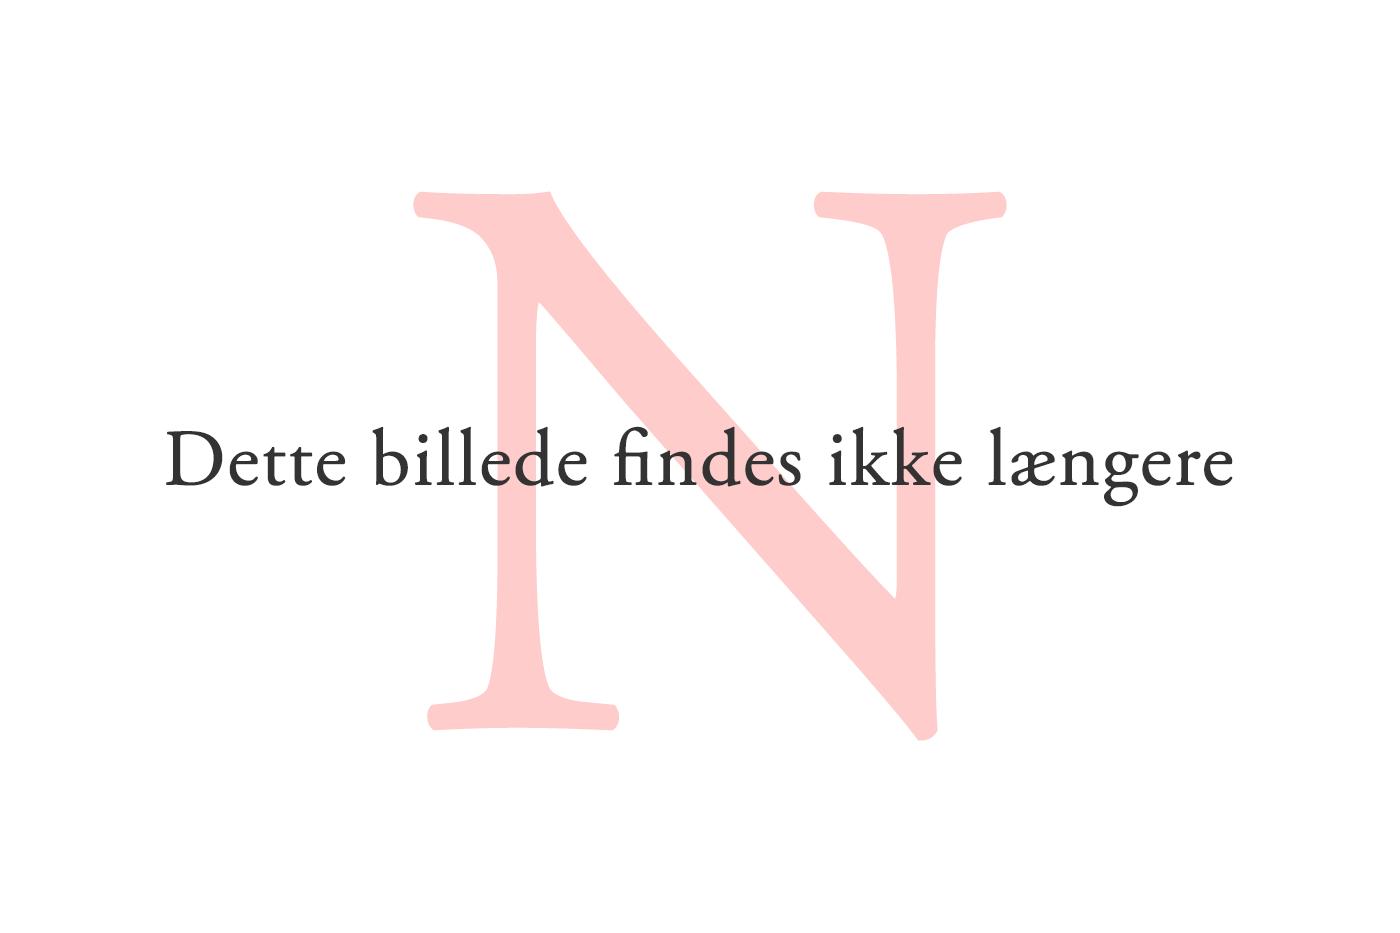 Zayra Moises vil gerne lære dansk, selvom hendes fremtid i Danmark er usikker. Hun falder nemlig for 24-års-reglen og må derfor flytte til Sverige med sin mand. Foto: Louise Dalsgaard